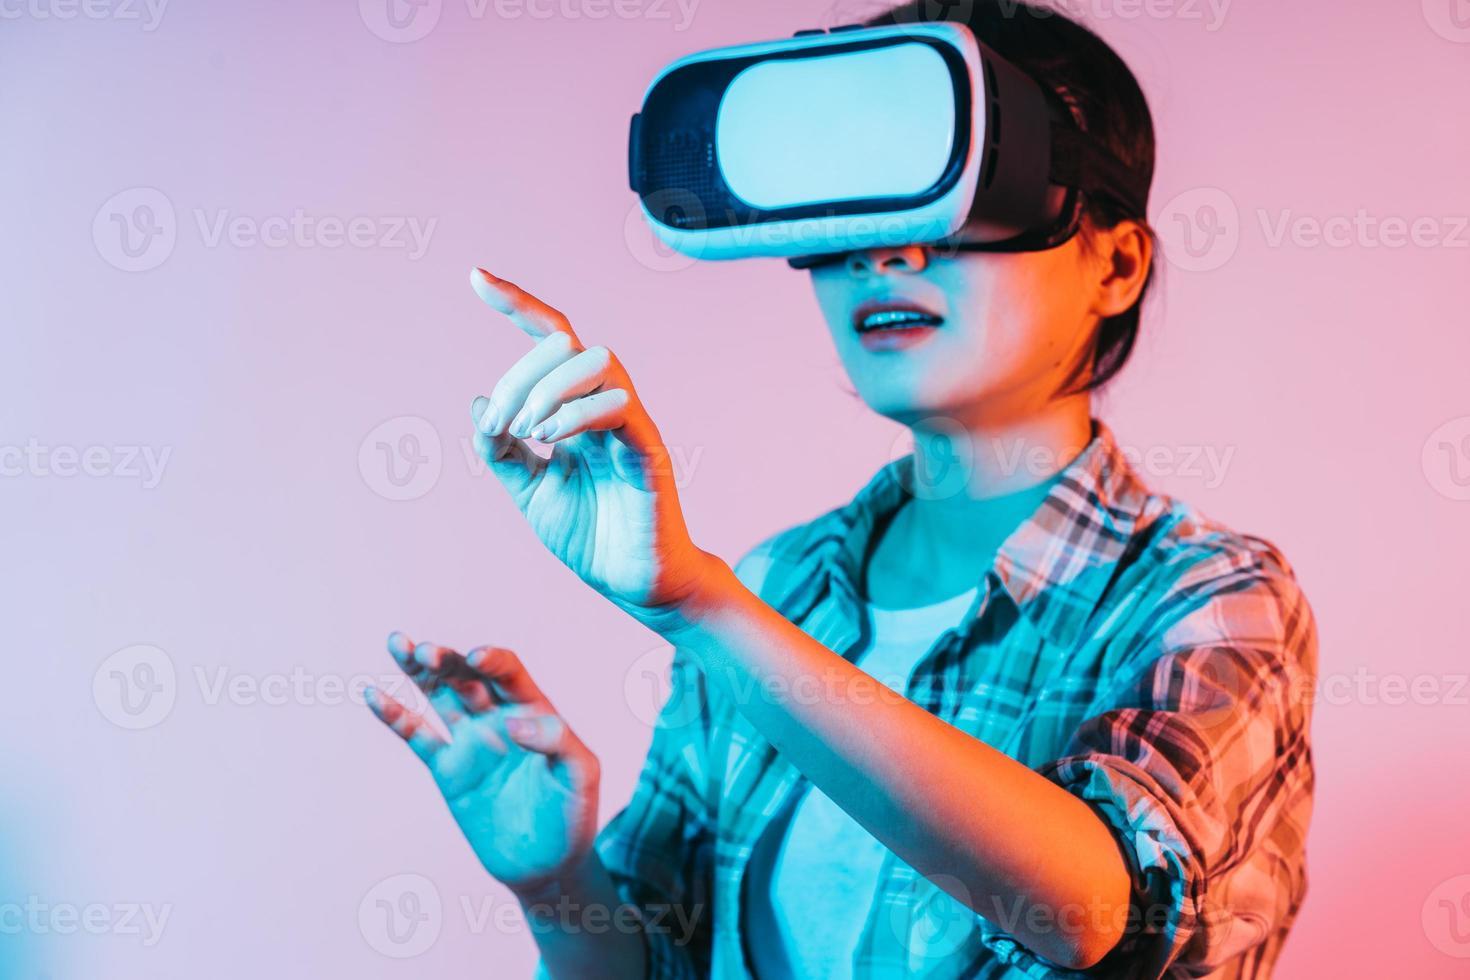 jonge aziatische vrouw draagt een vr-bril om augmented reality-technologie te ervaren foto